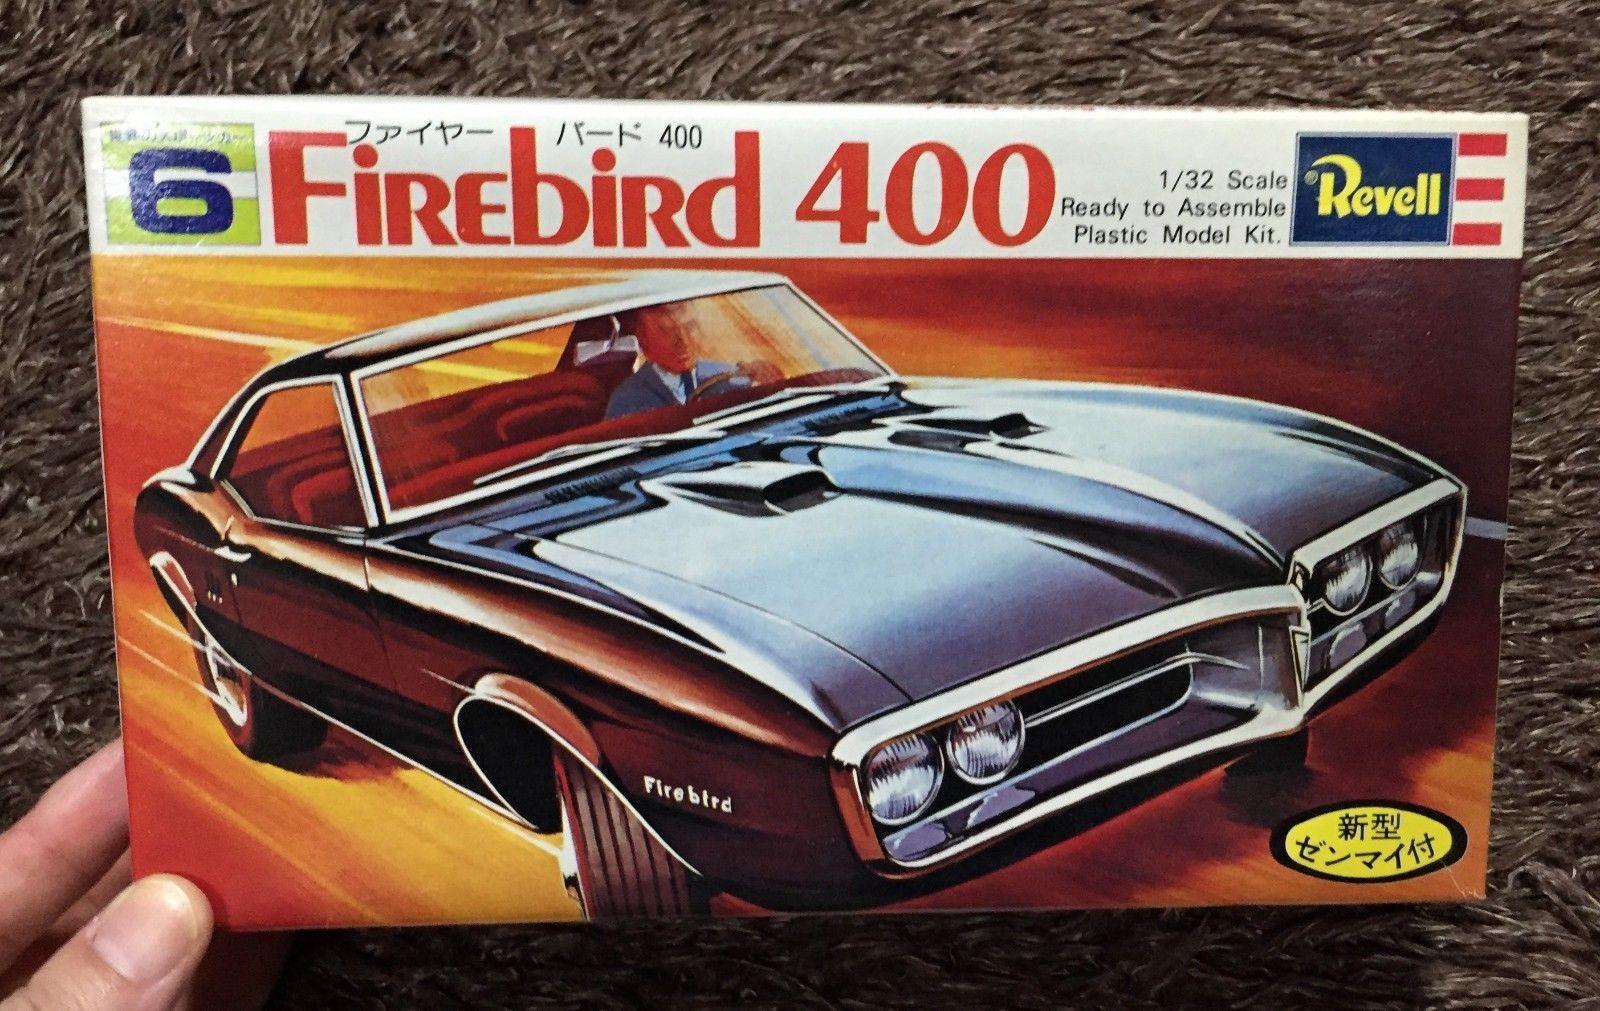 Firebird 400 1 32 model kit gunze revell japan fire bird ebay